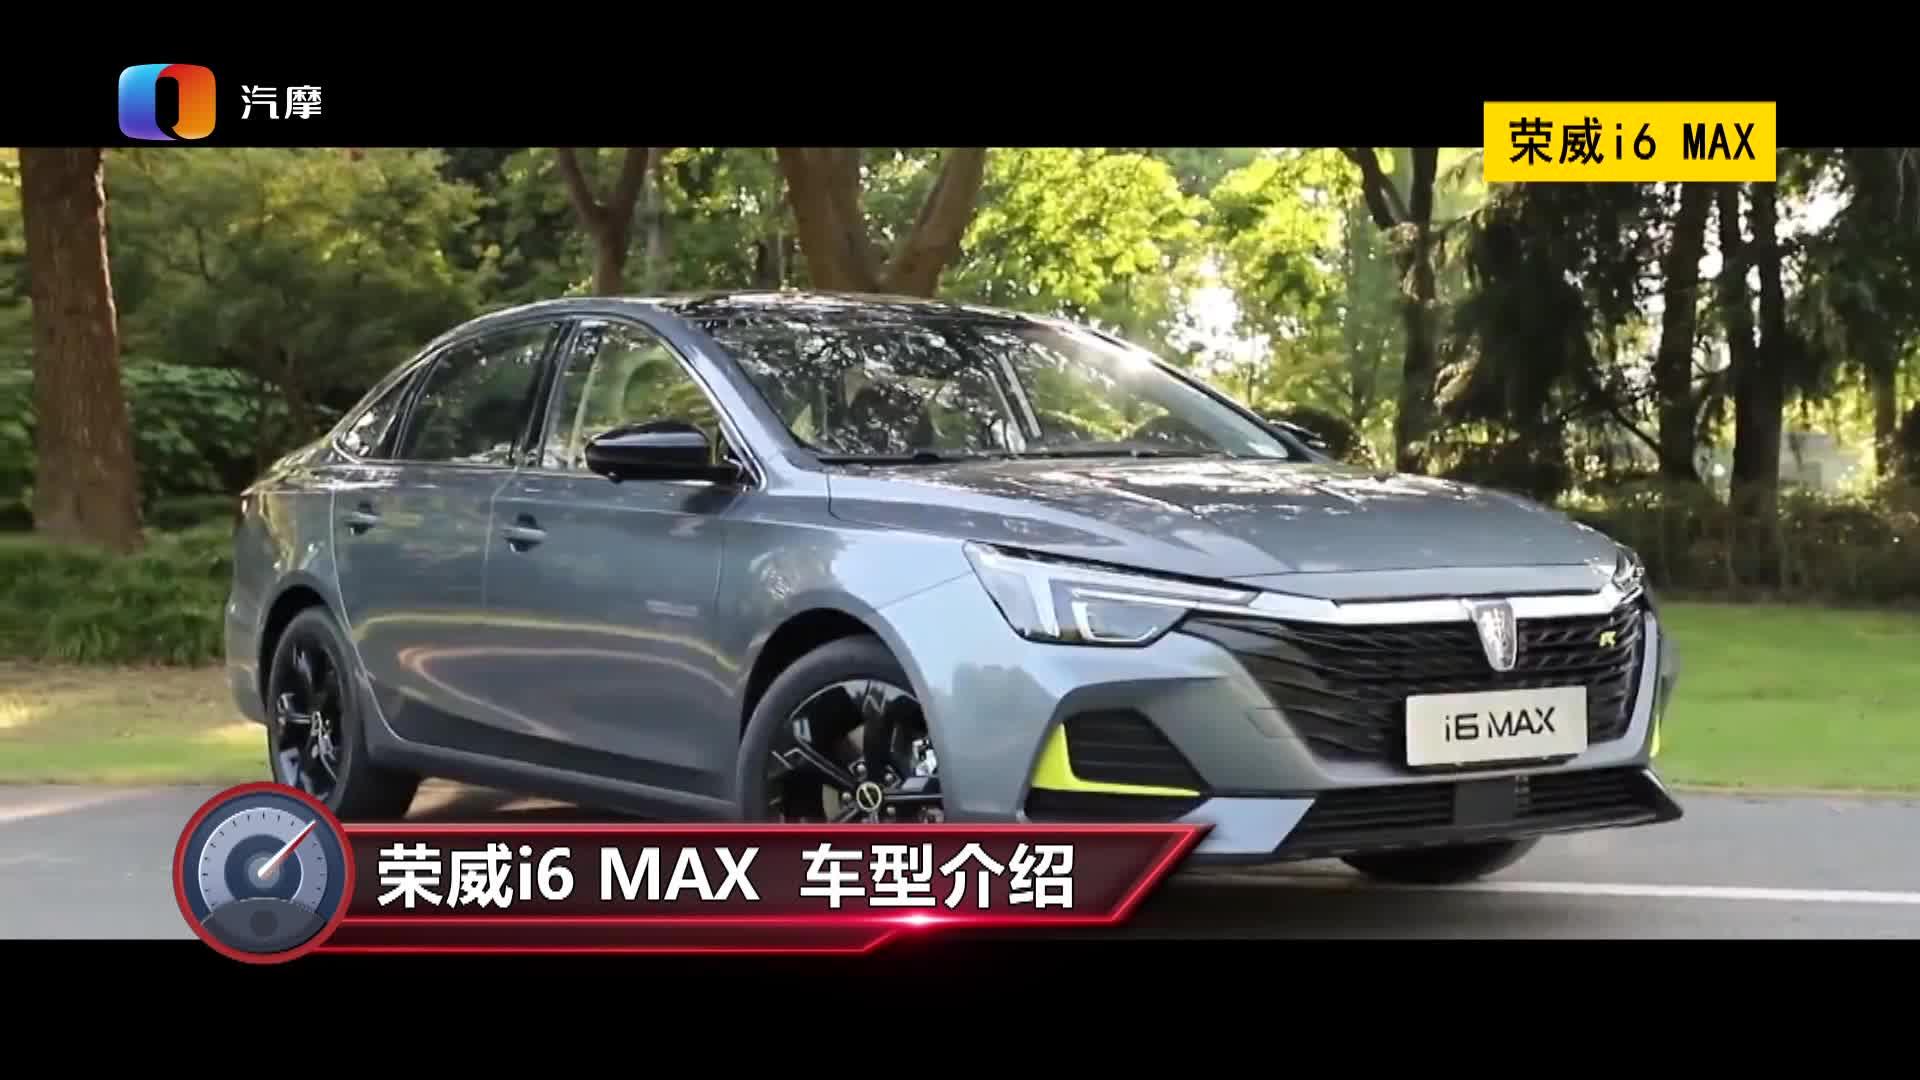 视频:荣威i6 MAX靠不靠谱?天幕大玻璃坐后面晒不晒?